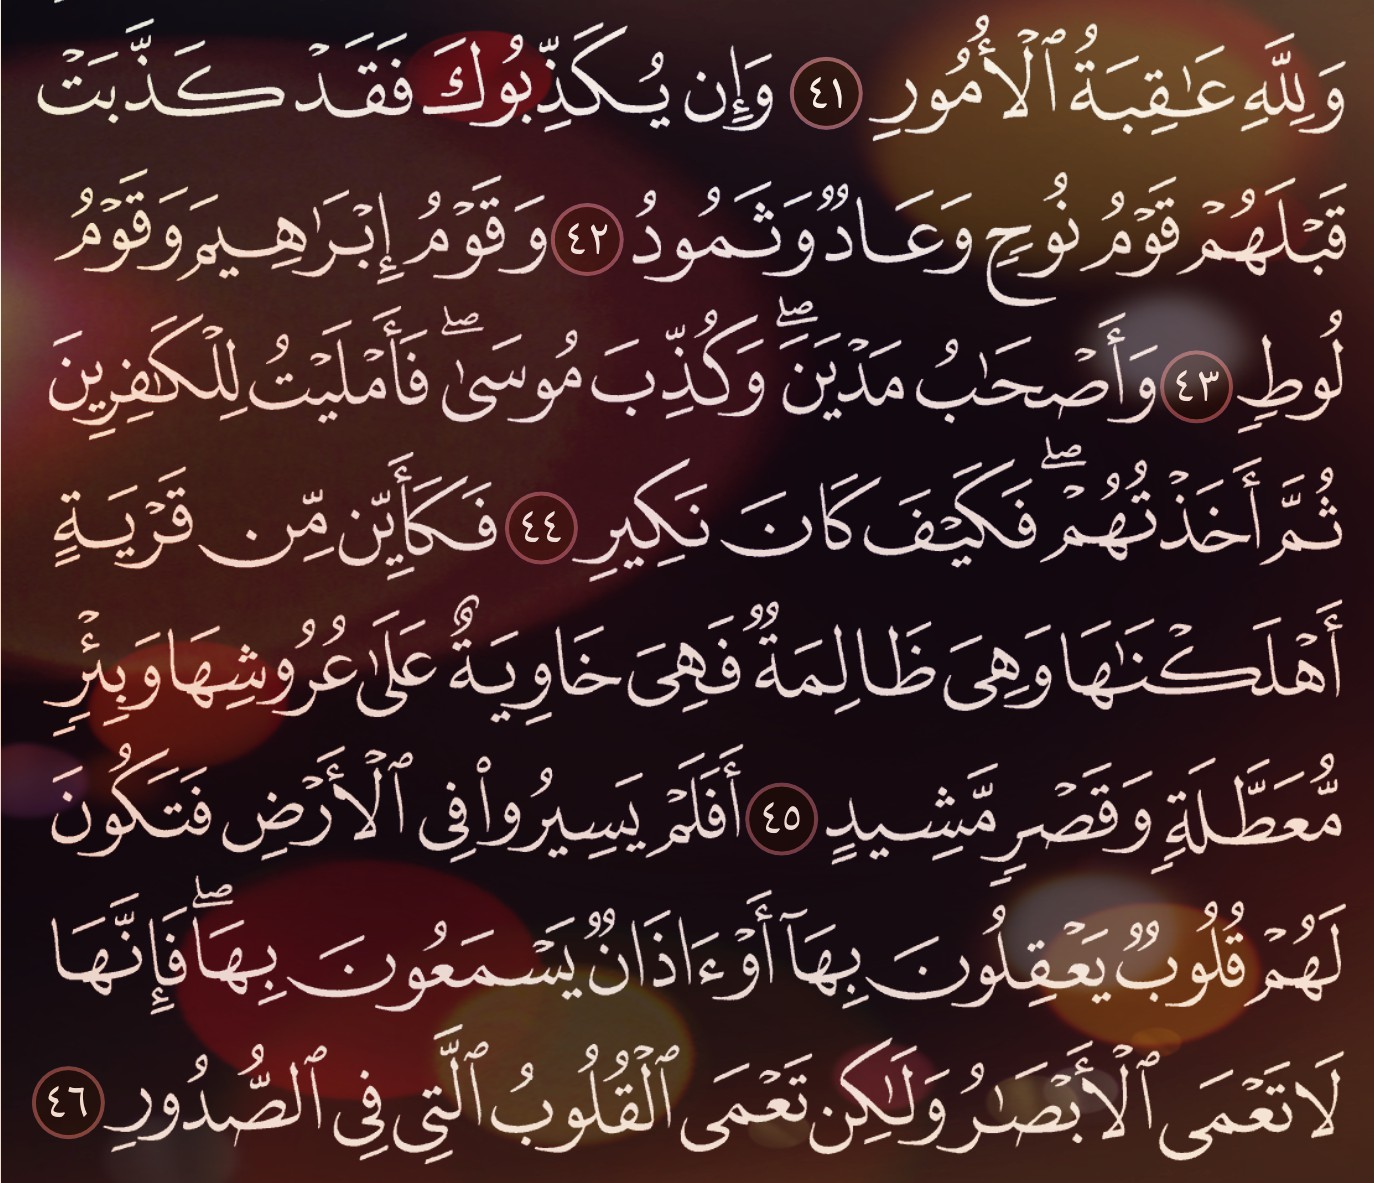 شرح وتفسير سورة الحج Surah Al Hajj ( من الآية 35 إلى الاية 47 )